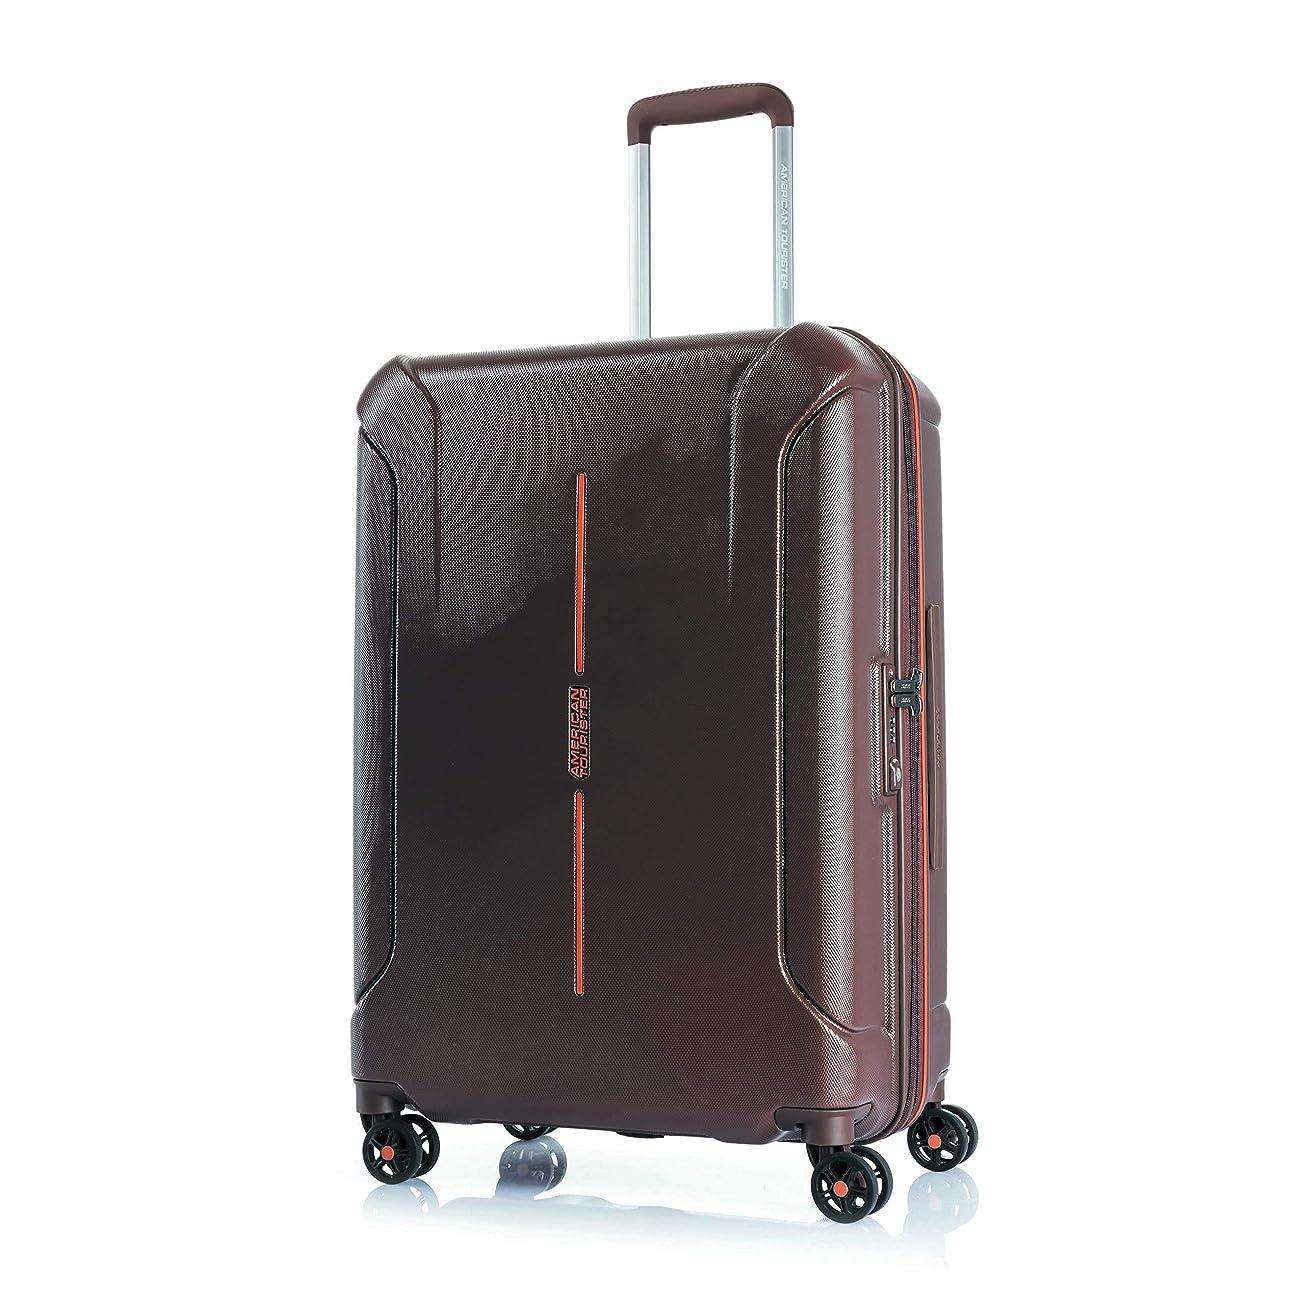 裁判官責め群れ[アメリカンツーリスター] スーツケース テクナム スピナー55 機内持ち込み可036L 55 cm 2.8 kg 91848 国内正規品 メーカー保証付き